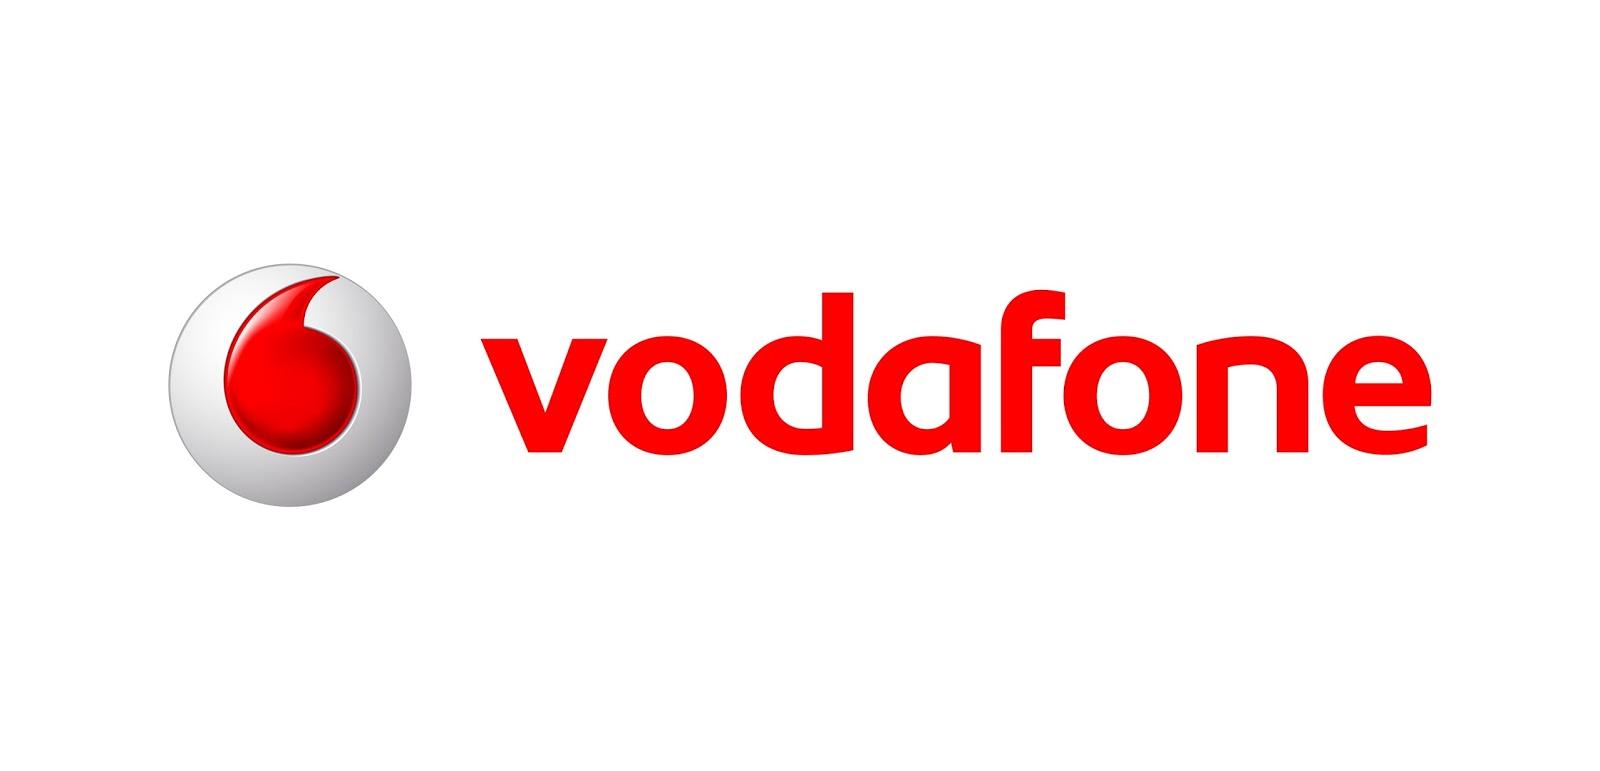 Vodafone group список советников форекс